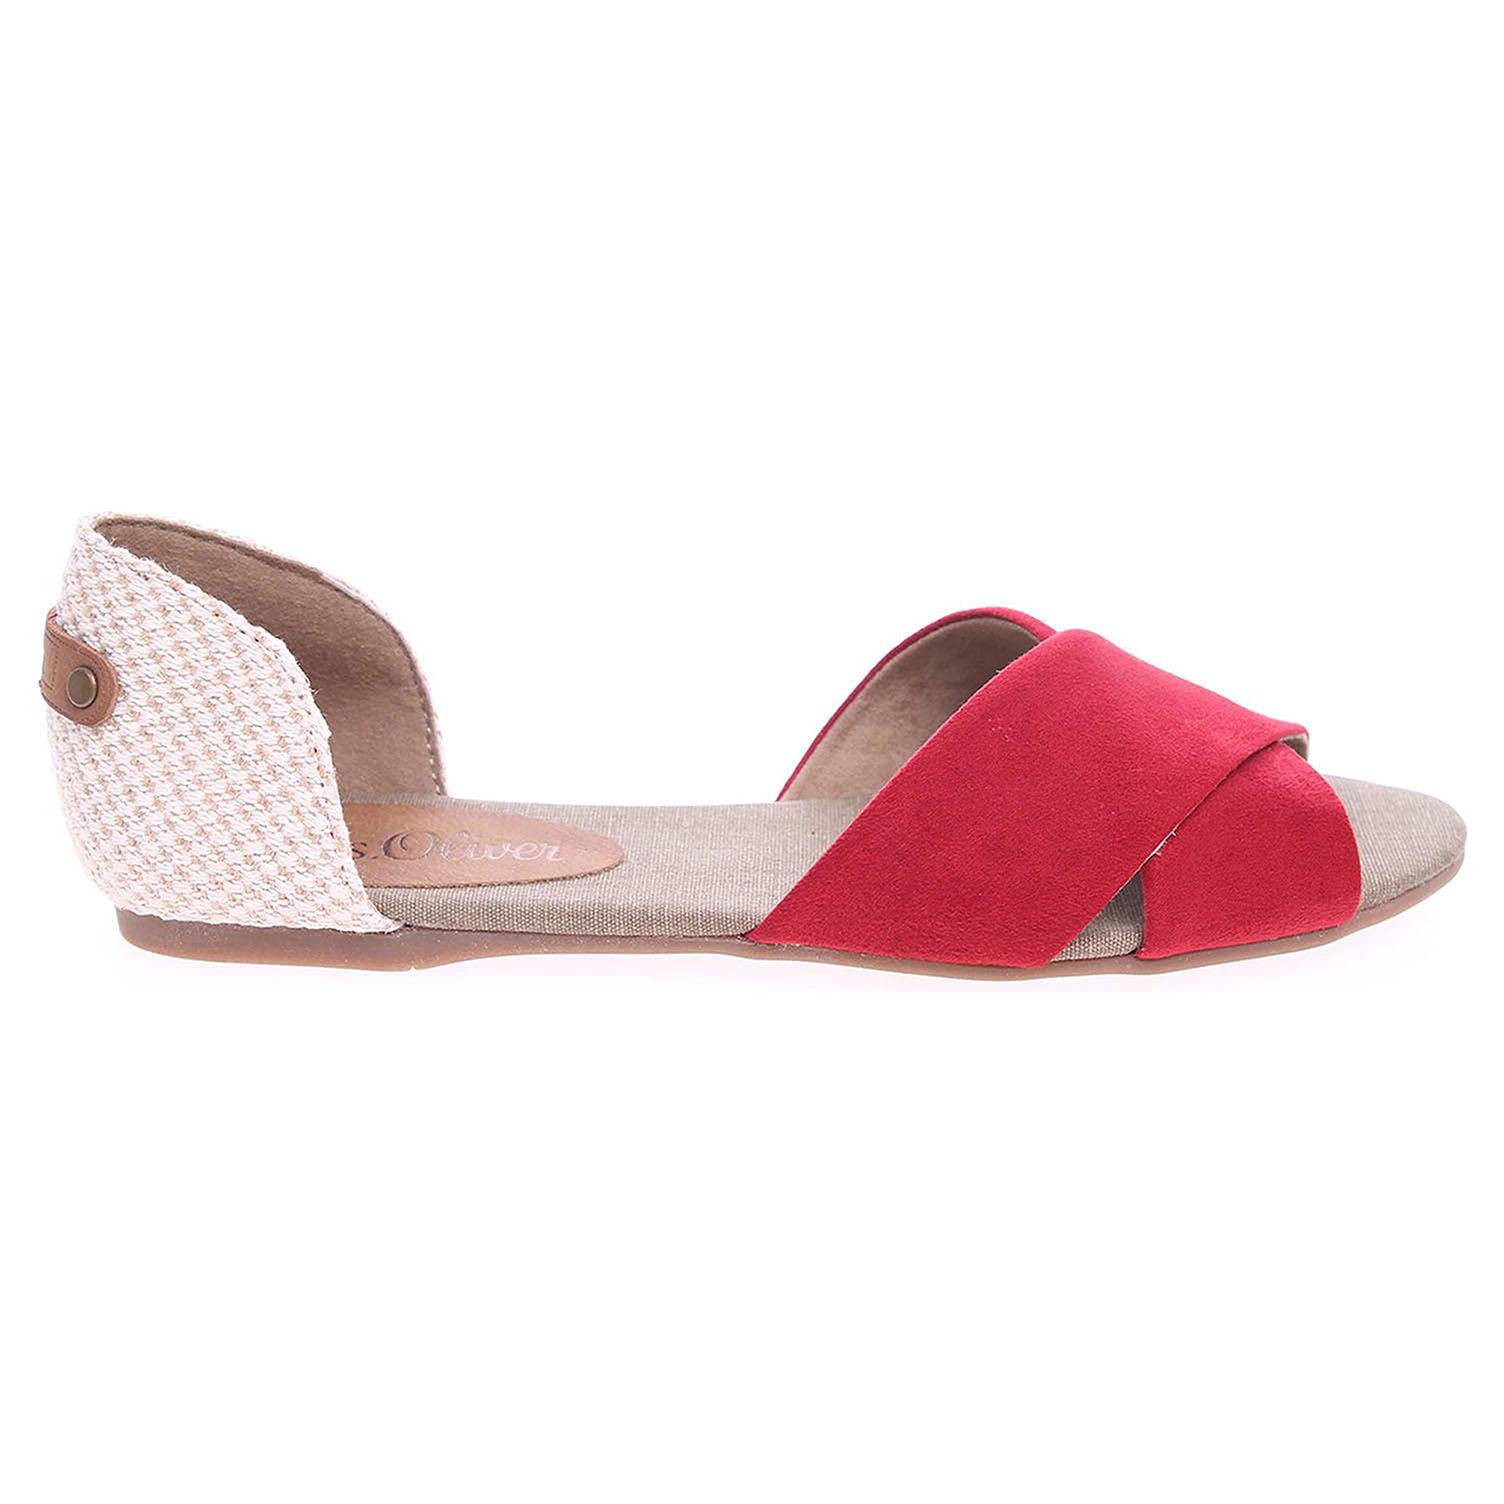 s.Oliver dámská obuv 5-28129-36 červená-béžová 36